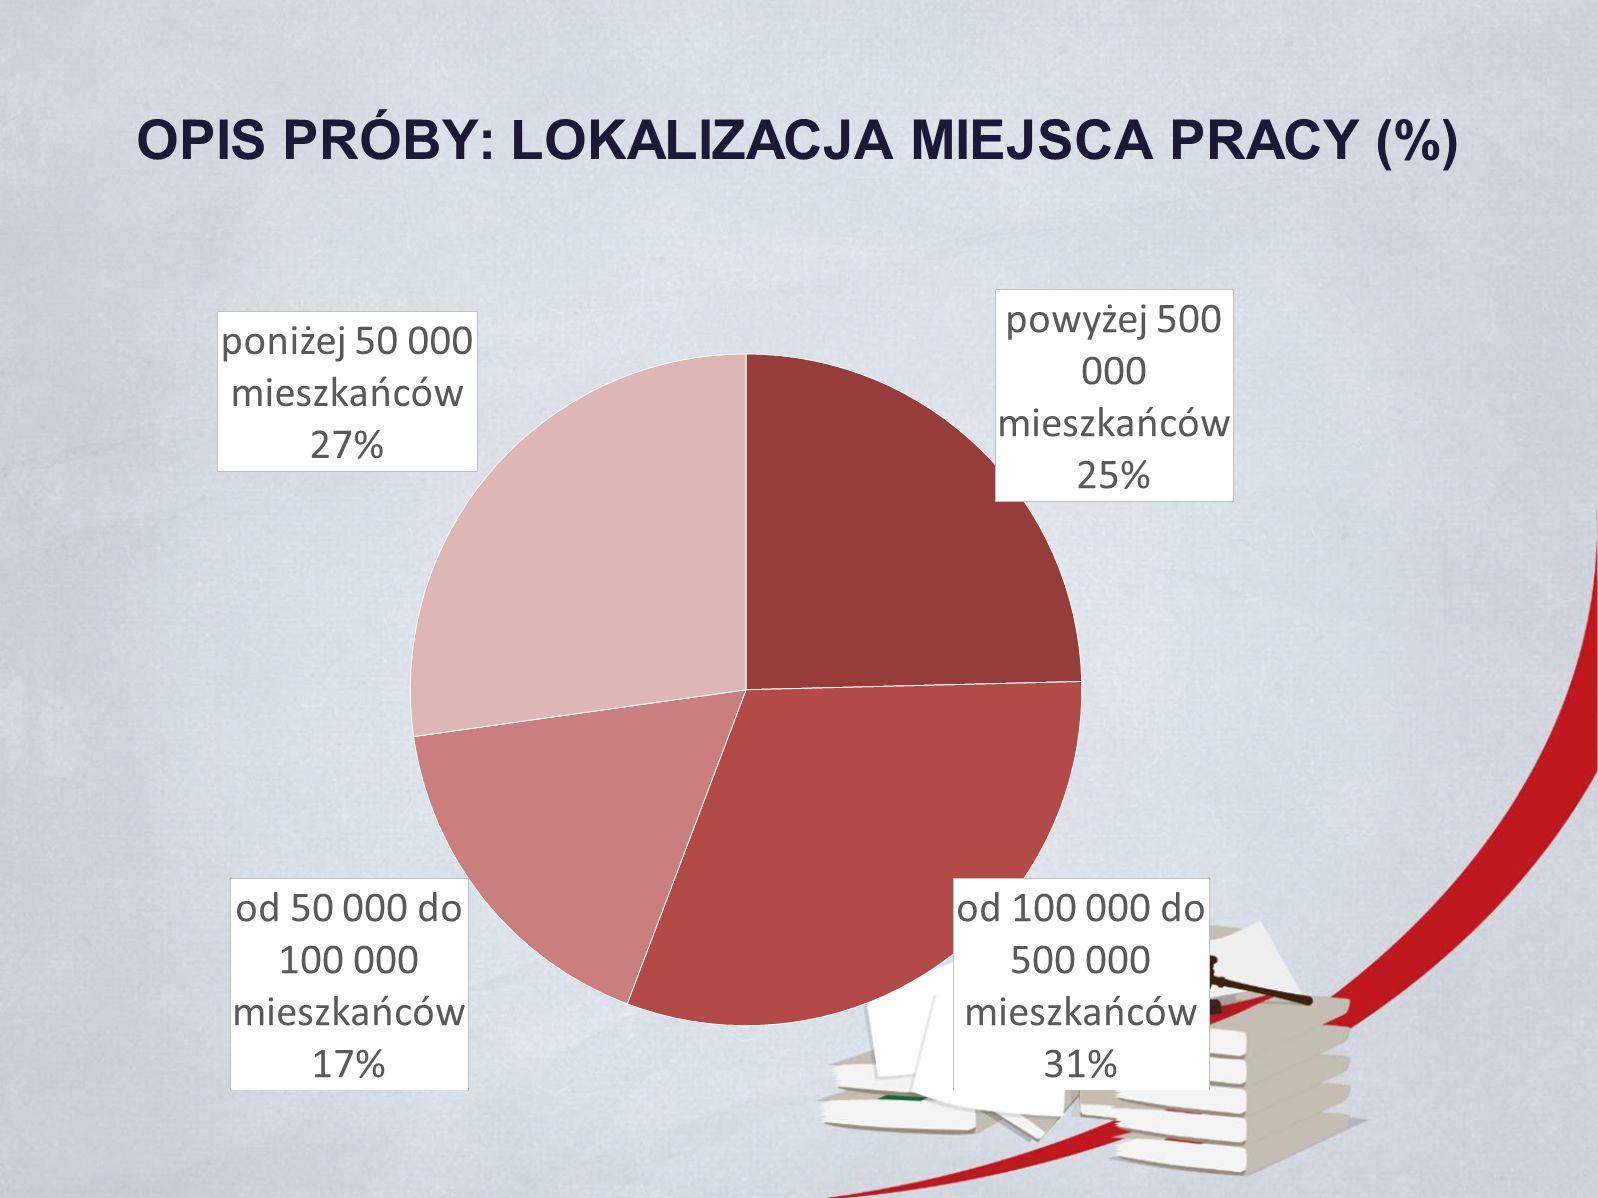 OPIS PRÓBY: LOKALIZACJA MIEJSCA PRACY (%)